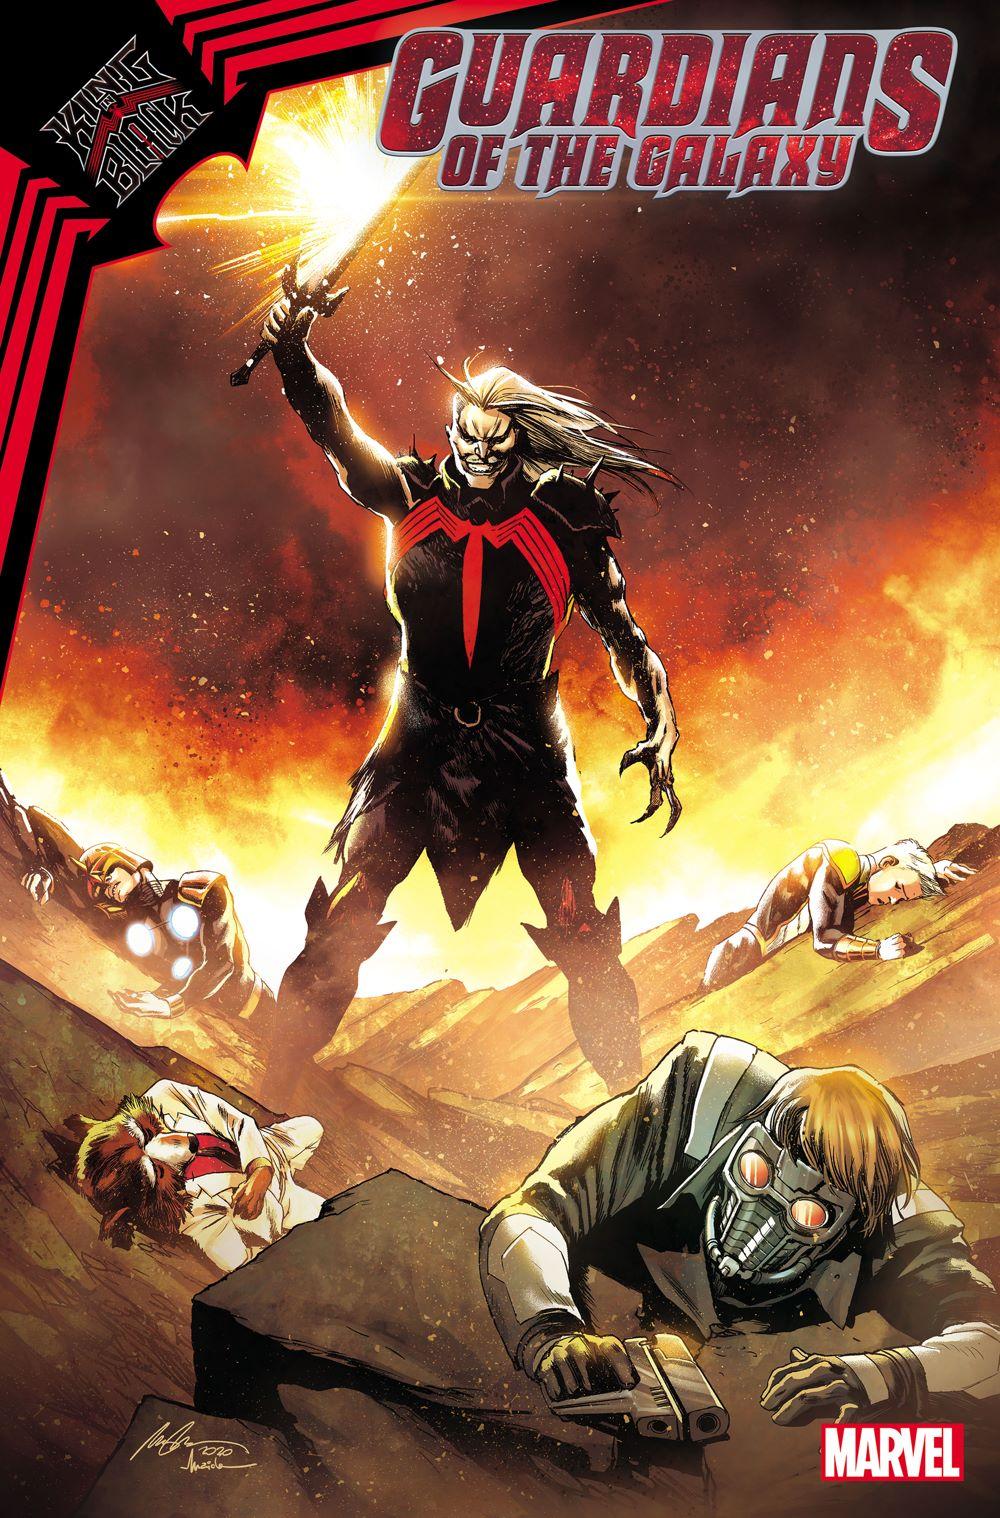 GARGAL2020010_cov Marvel Comics January 2021 Solicitations